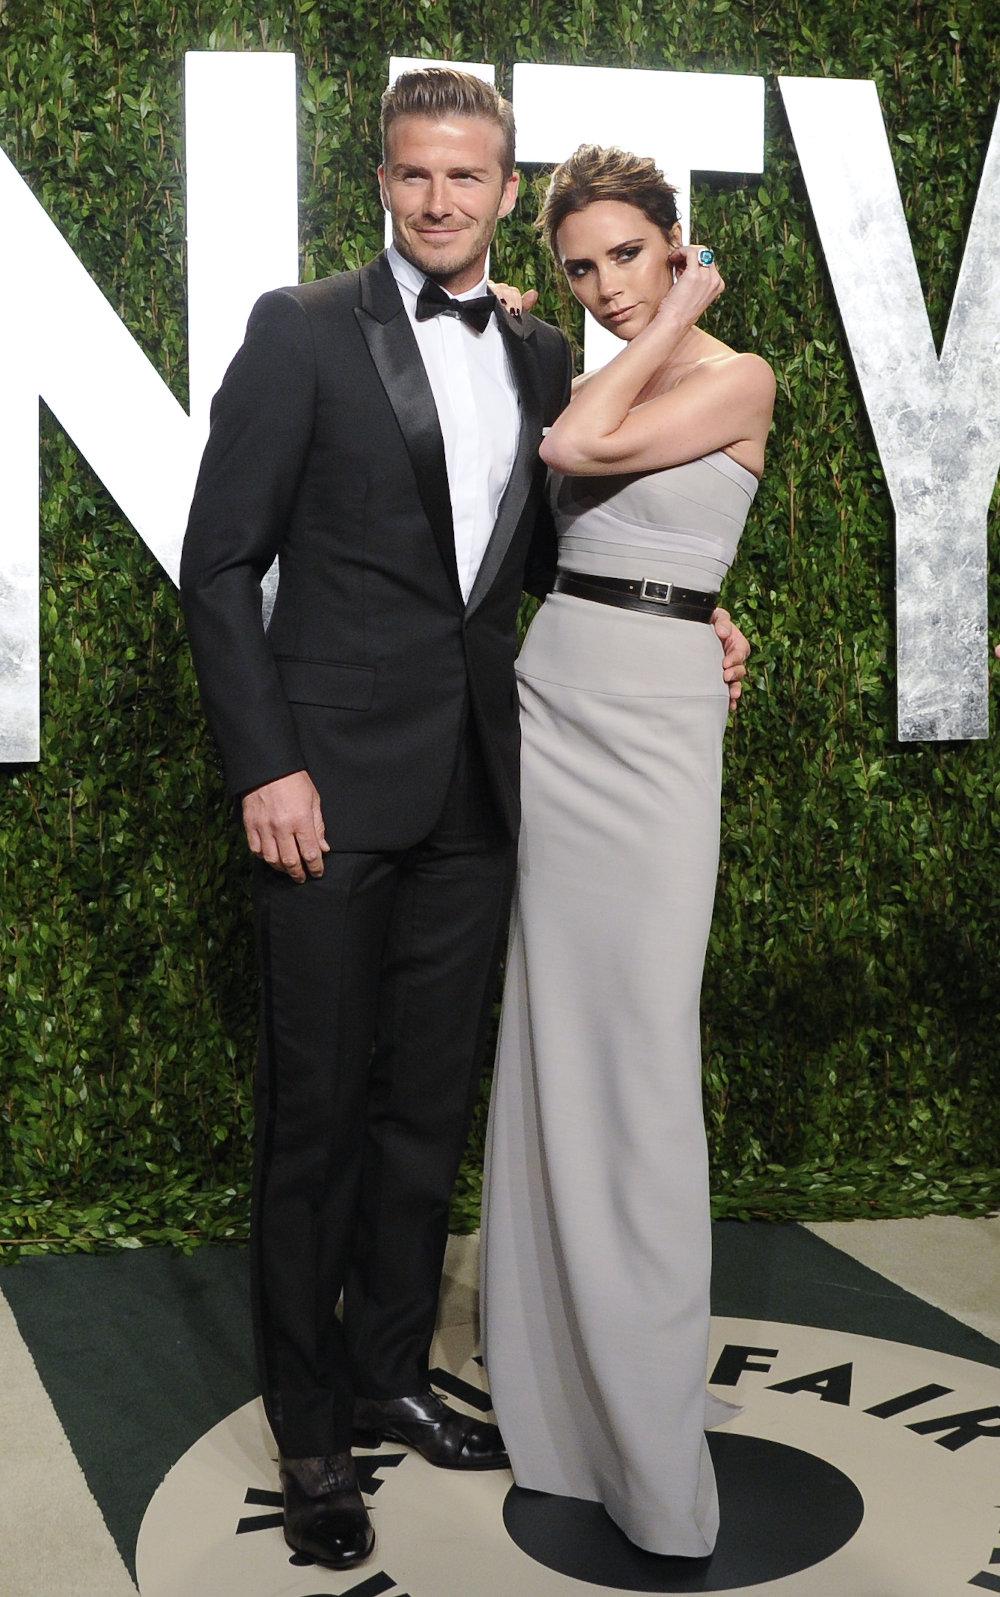 Ντέιβιντ και Βικτόρια Μπέκαμ σε πάρτι του Vanity Fair πριν από επτά χρόνια